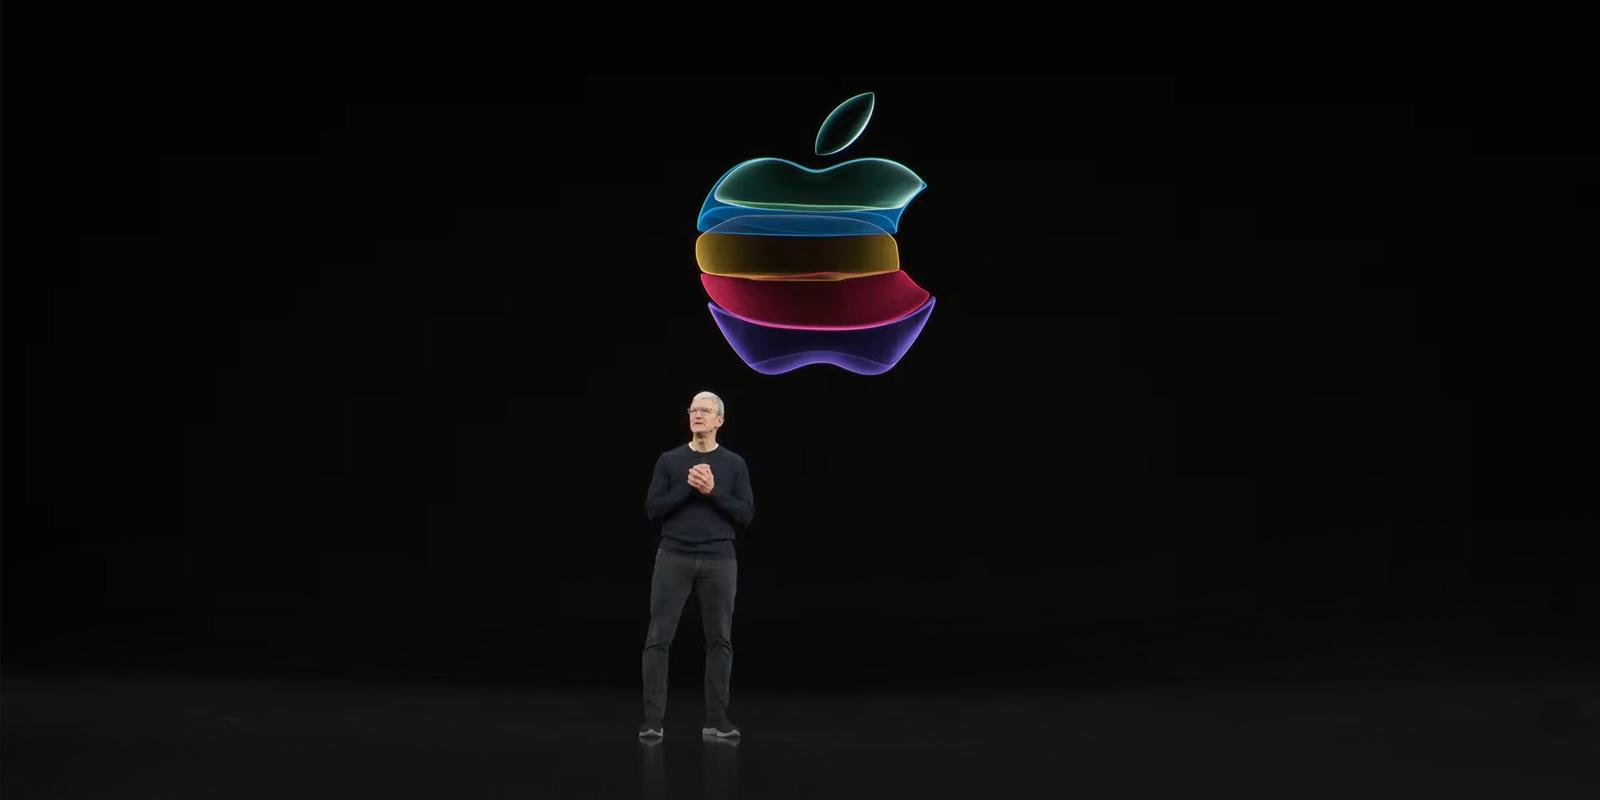 Bréking: Siri megsúgta mikor lesz a következő Apple esemény